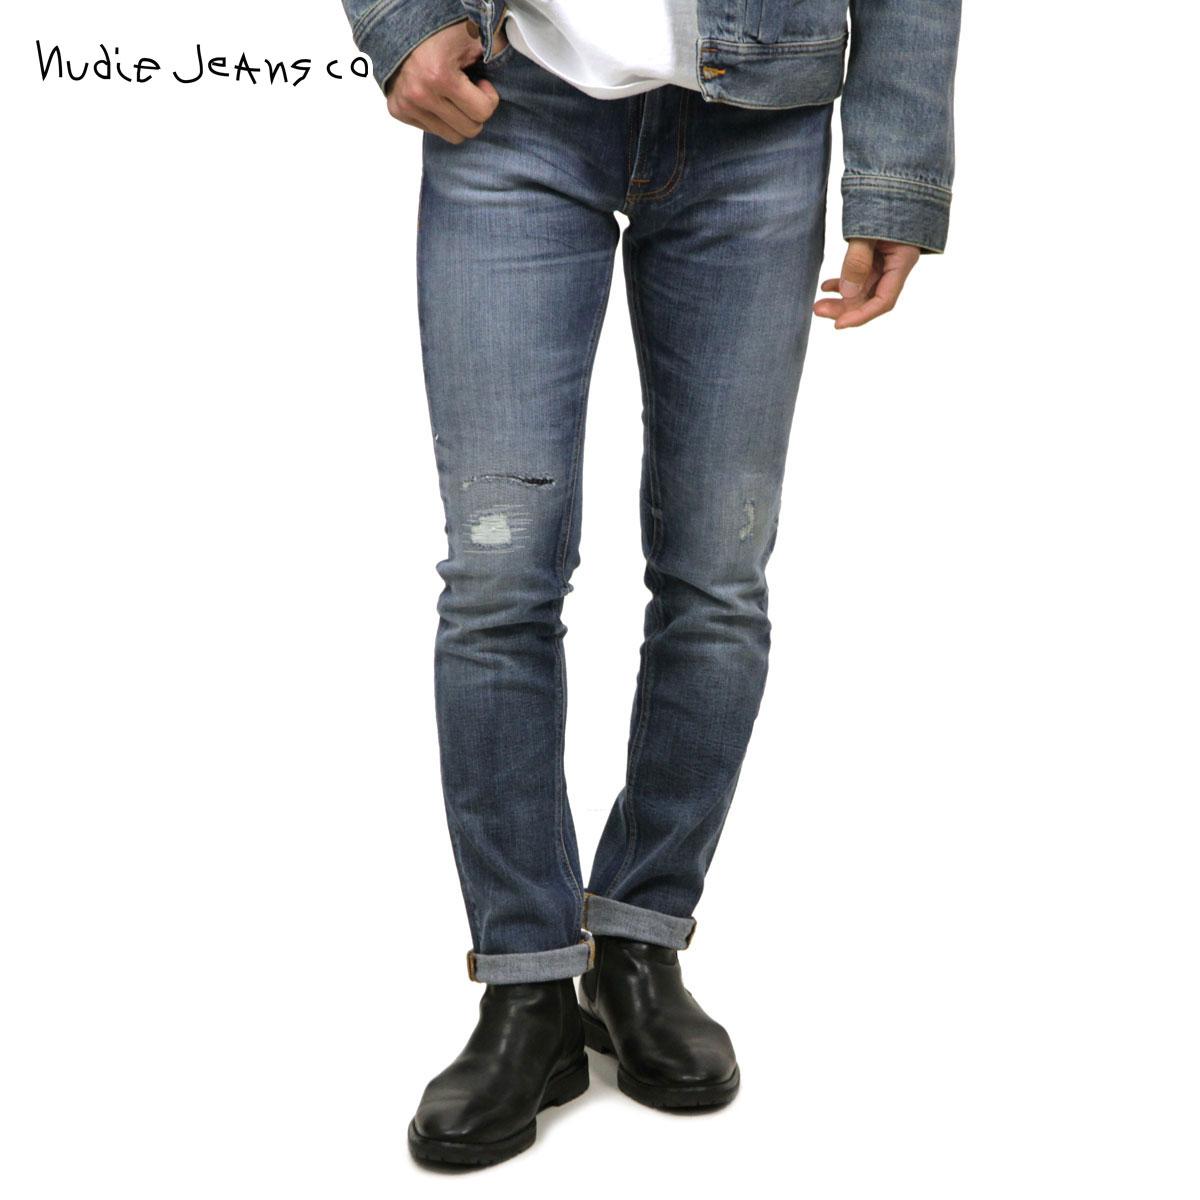 ヌーディージーンズ Nudie Jeans 正規販売店 メンズ ジーンズ シンフィン THIN FINN JEANS WORN TRUE 013 1131340 1197